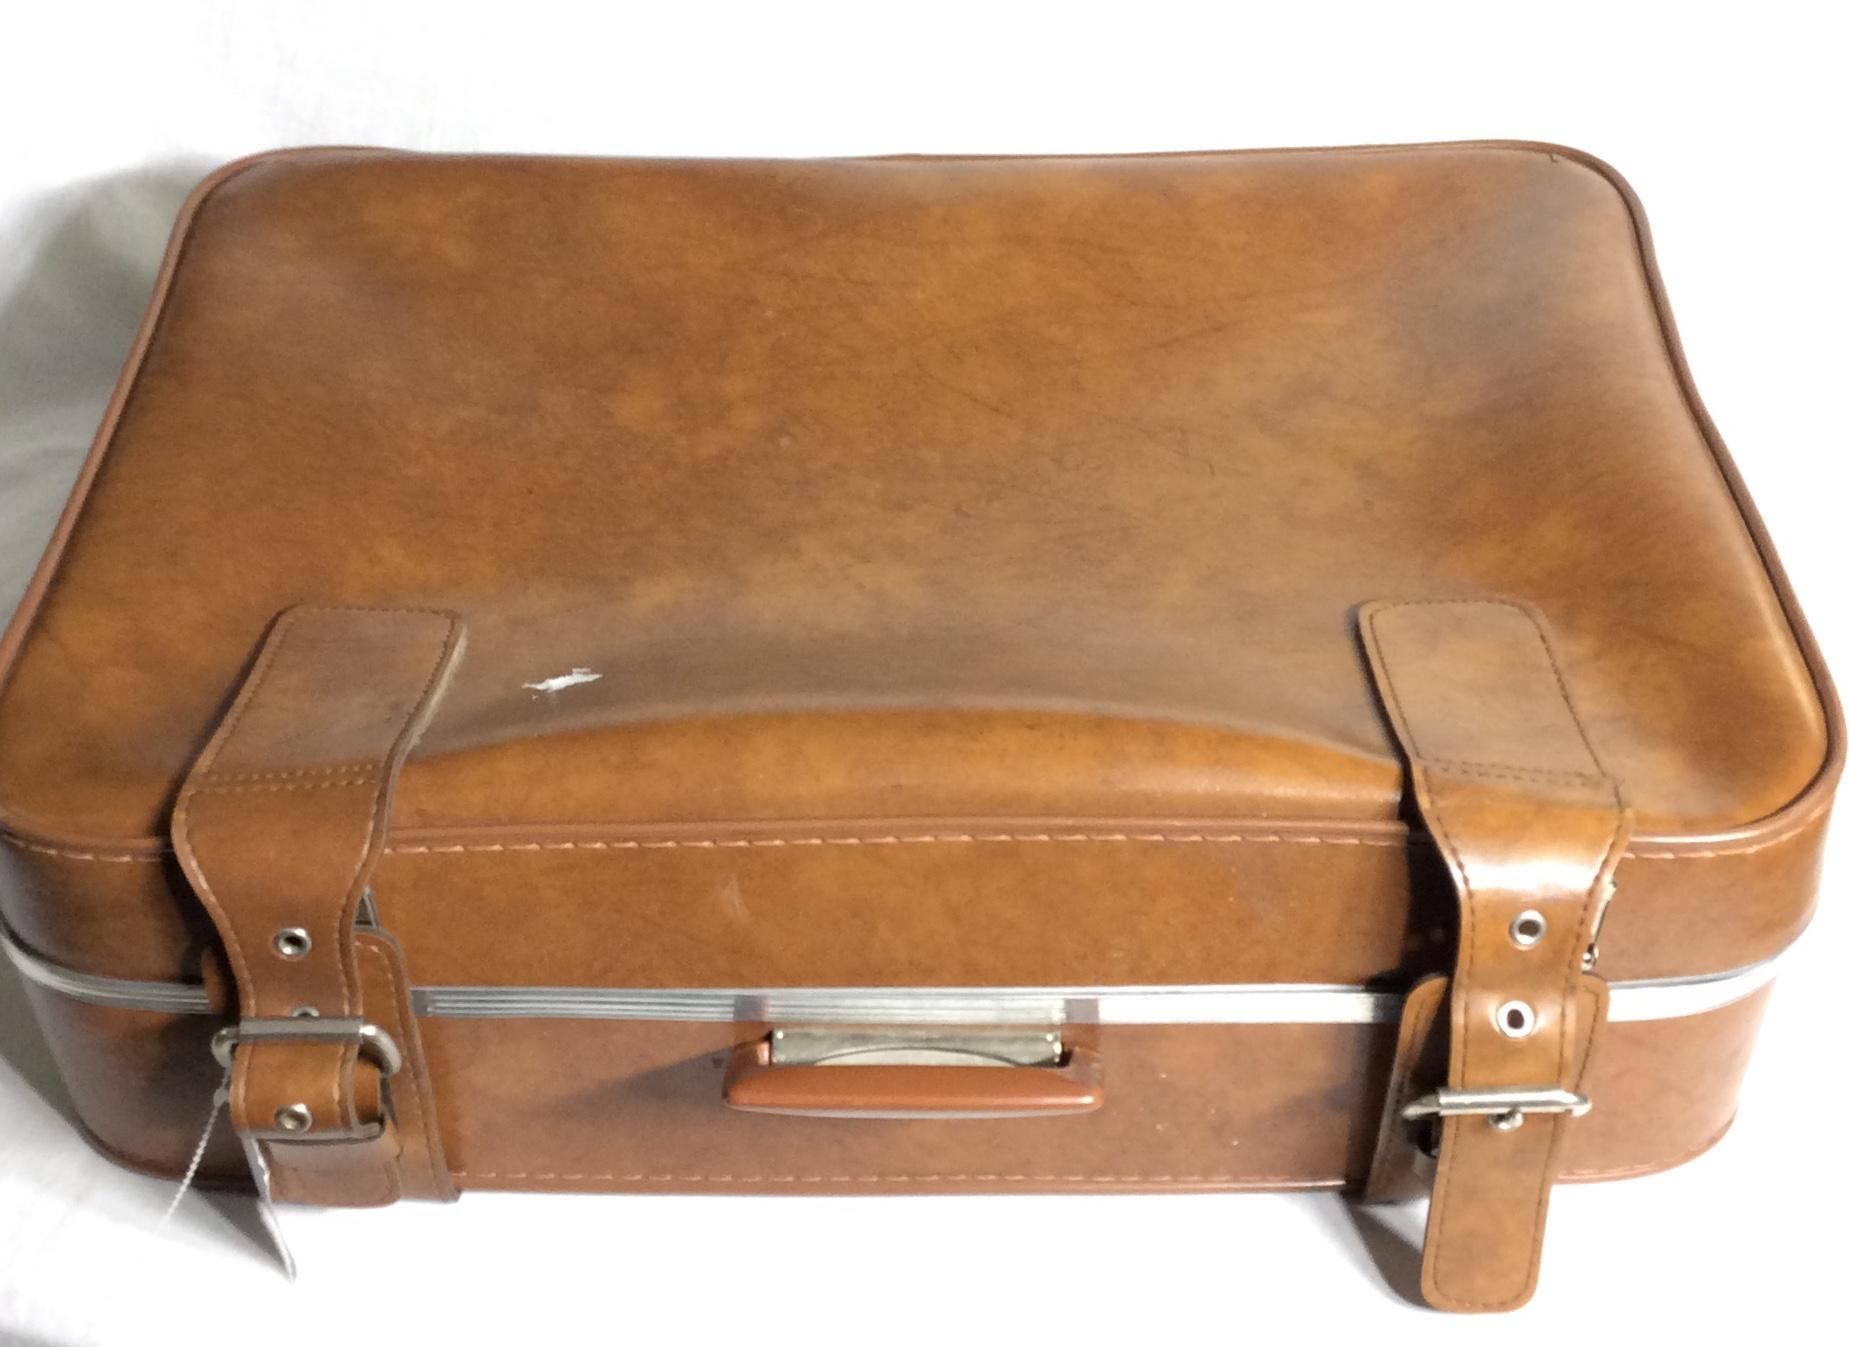 Light brown retro luggage